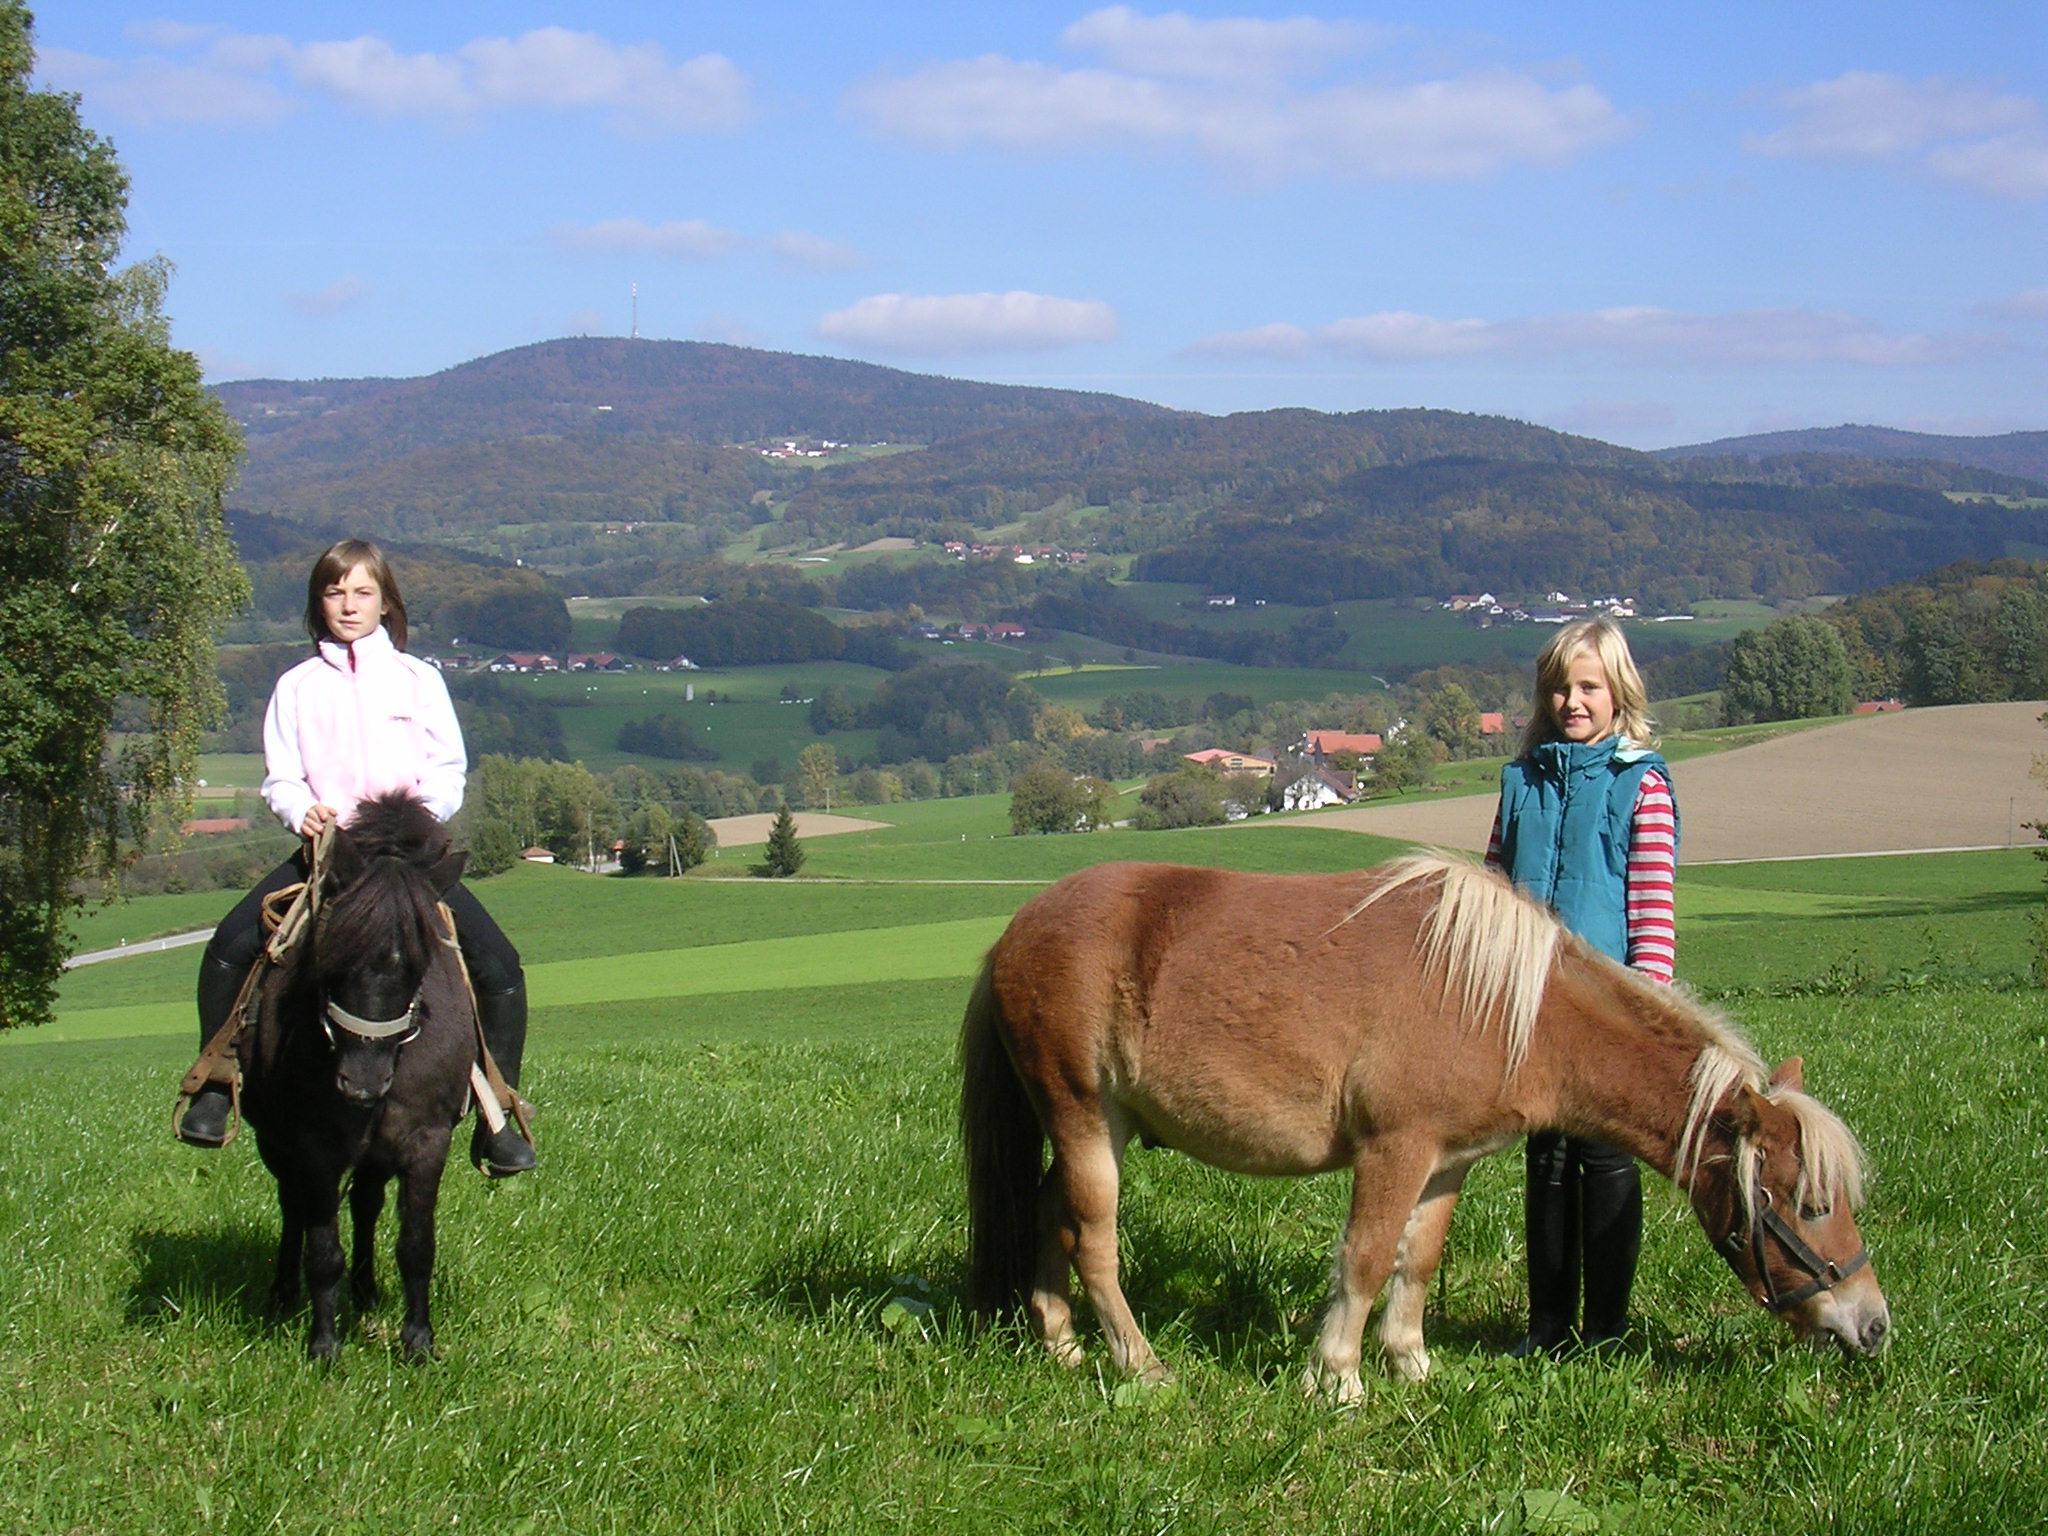 Tolle Aussicht auf dem Rücken der Pferde genießen auf dem  Ederhof